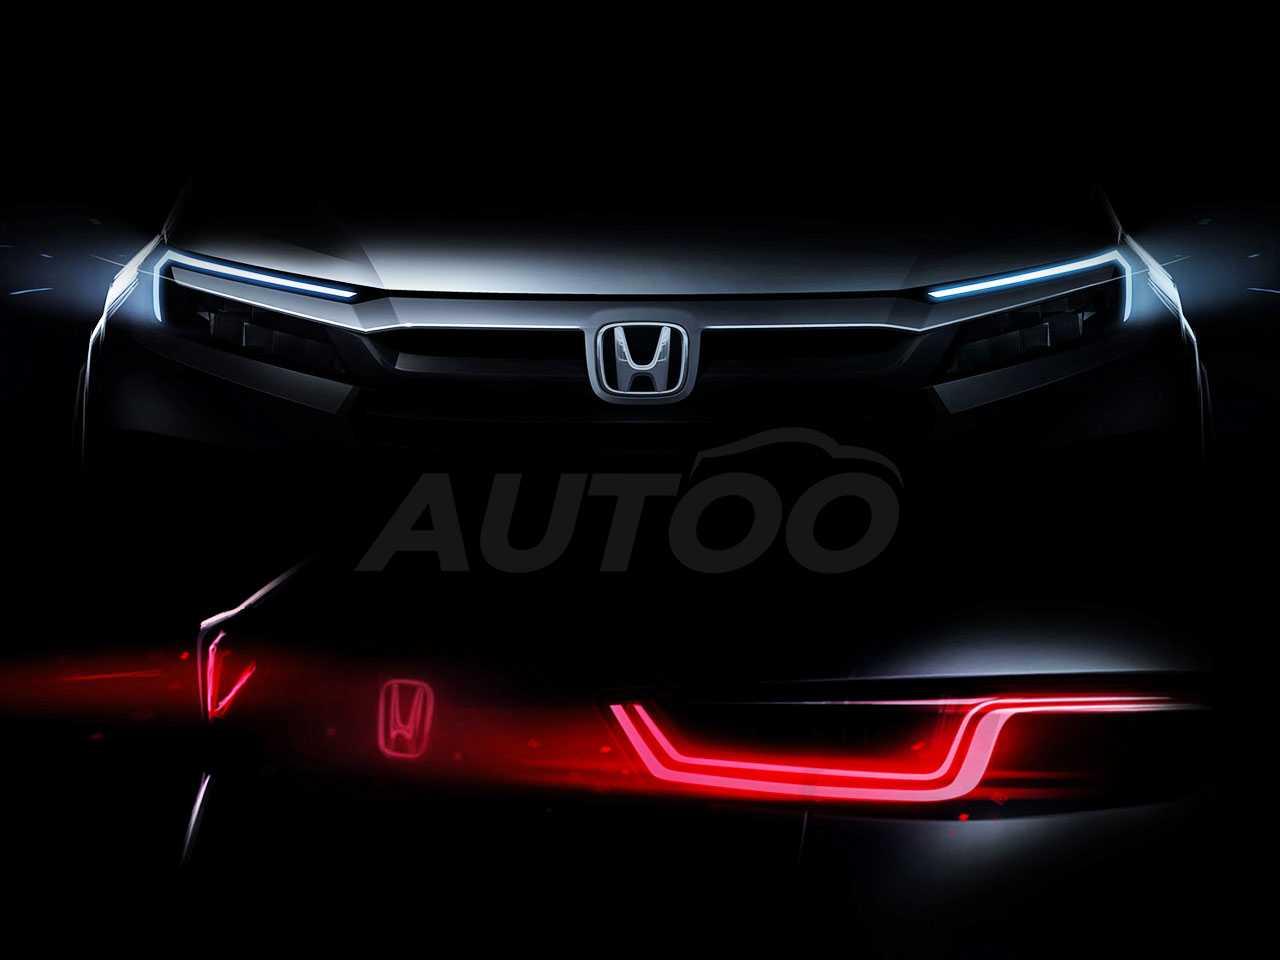 Imagens prévias do novo Honda global: será ele o inédito SUV pequeno da marca?